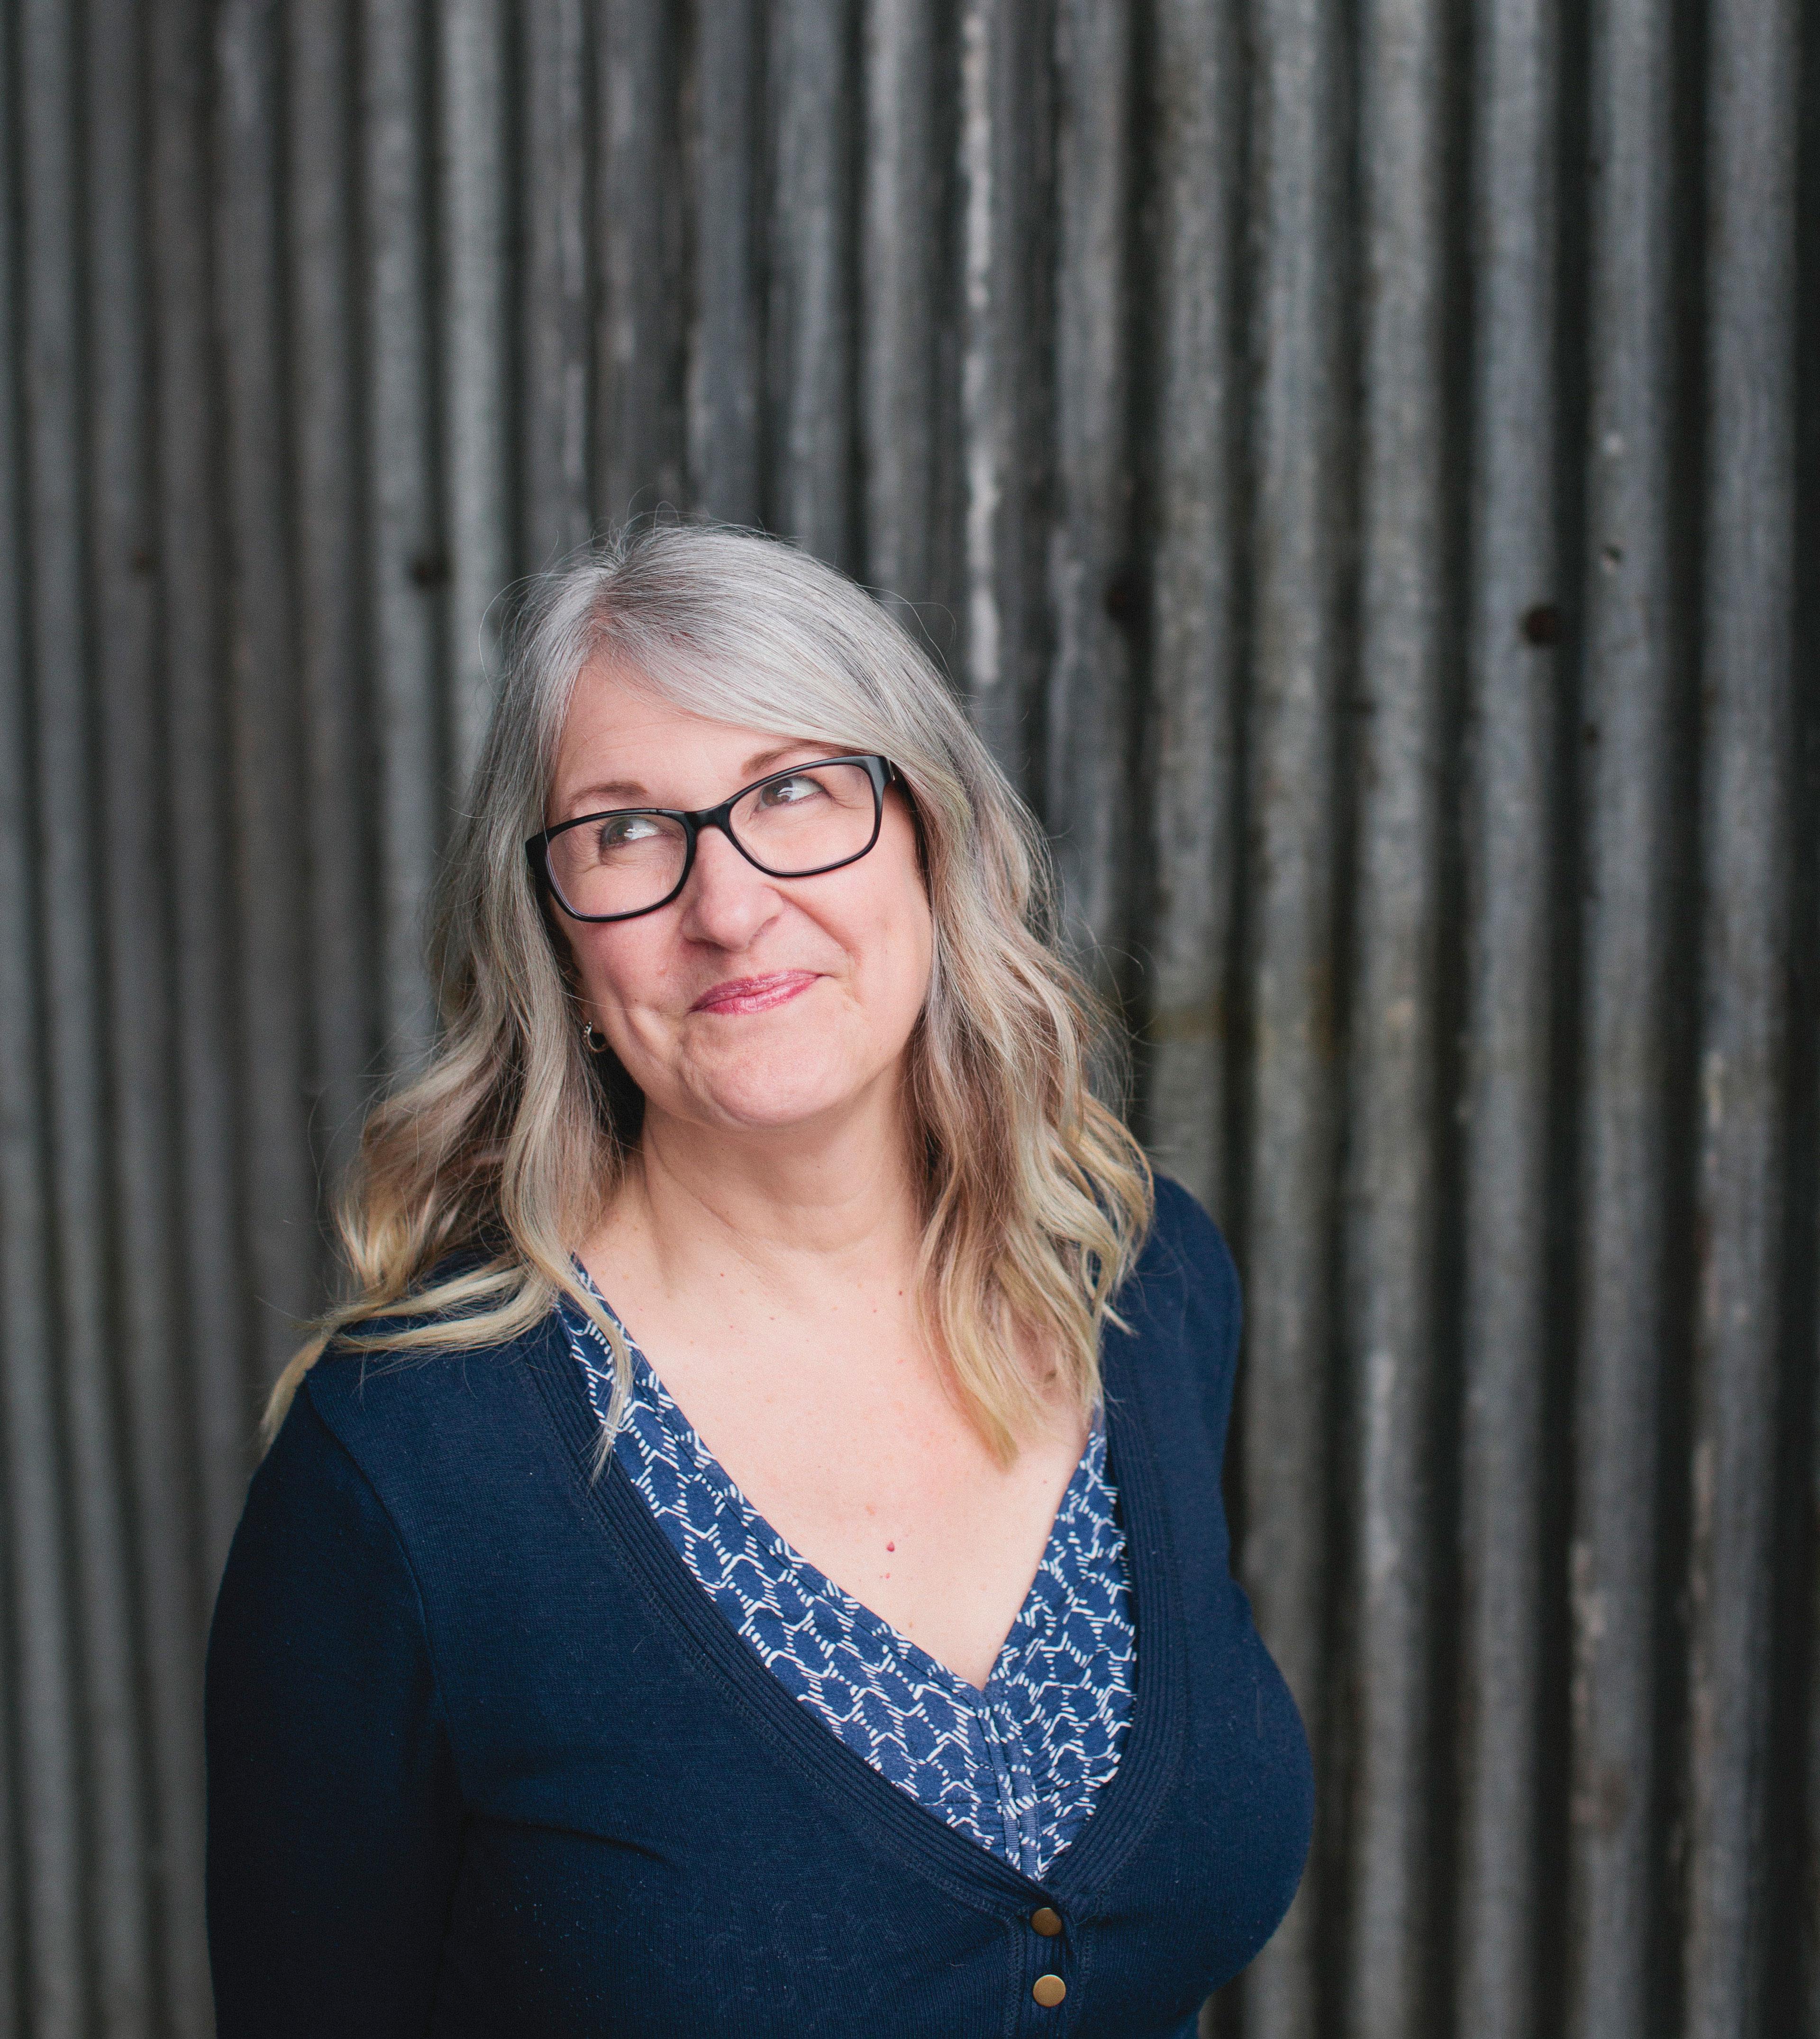 M Agency copywriter Valerie Hendel